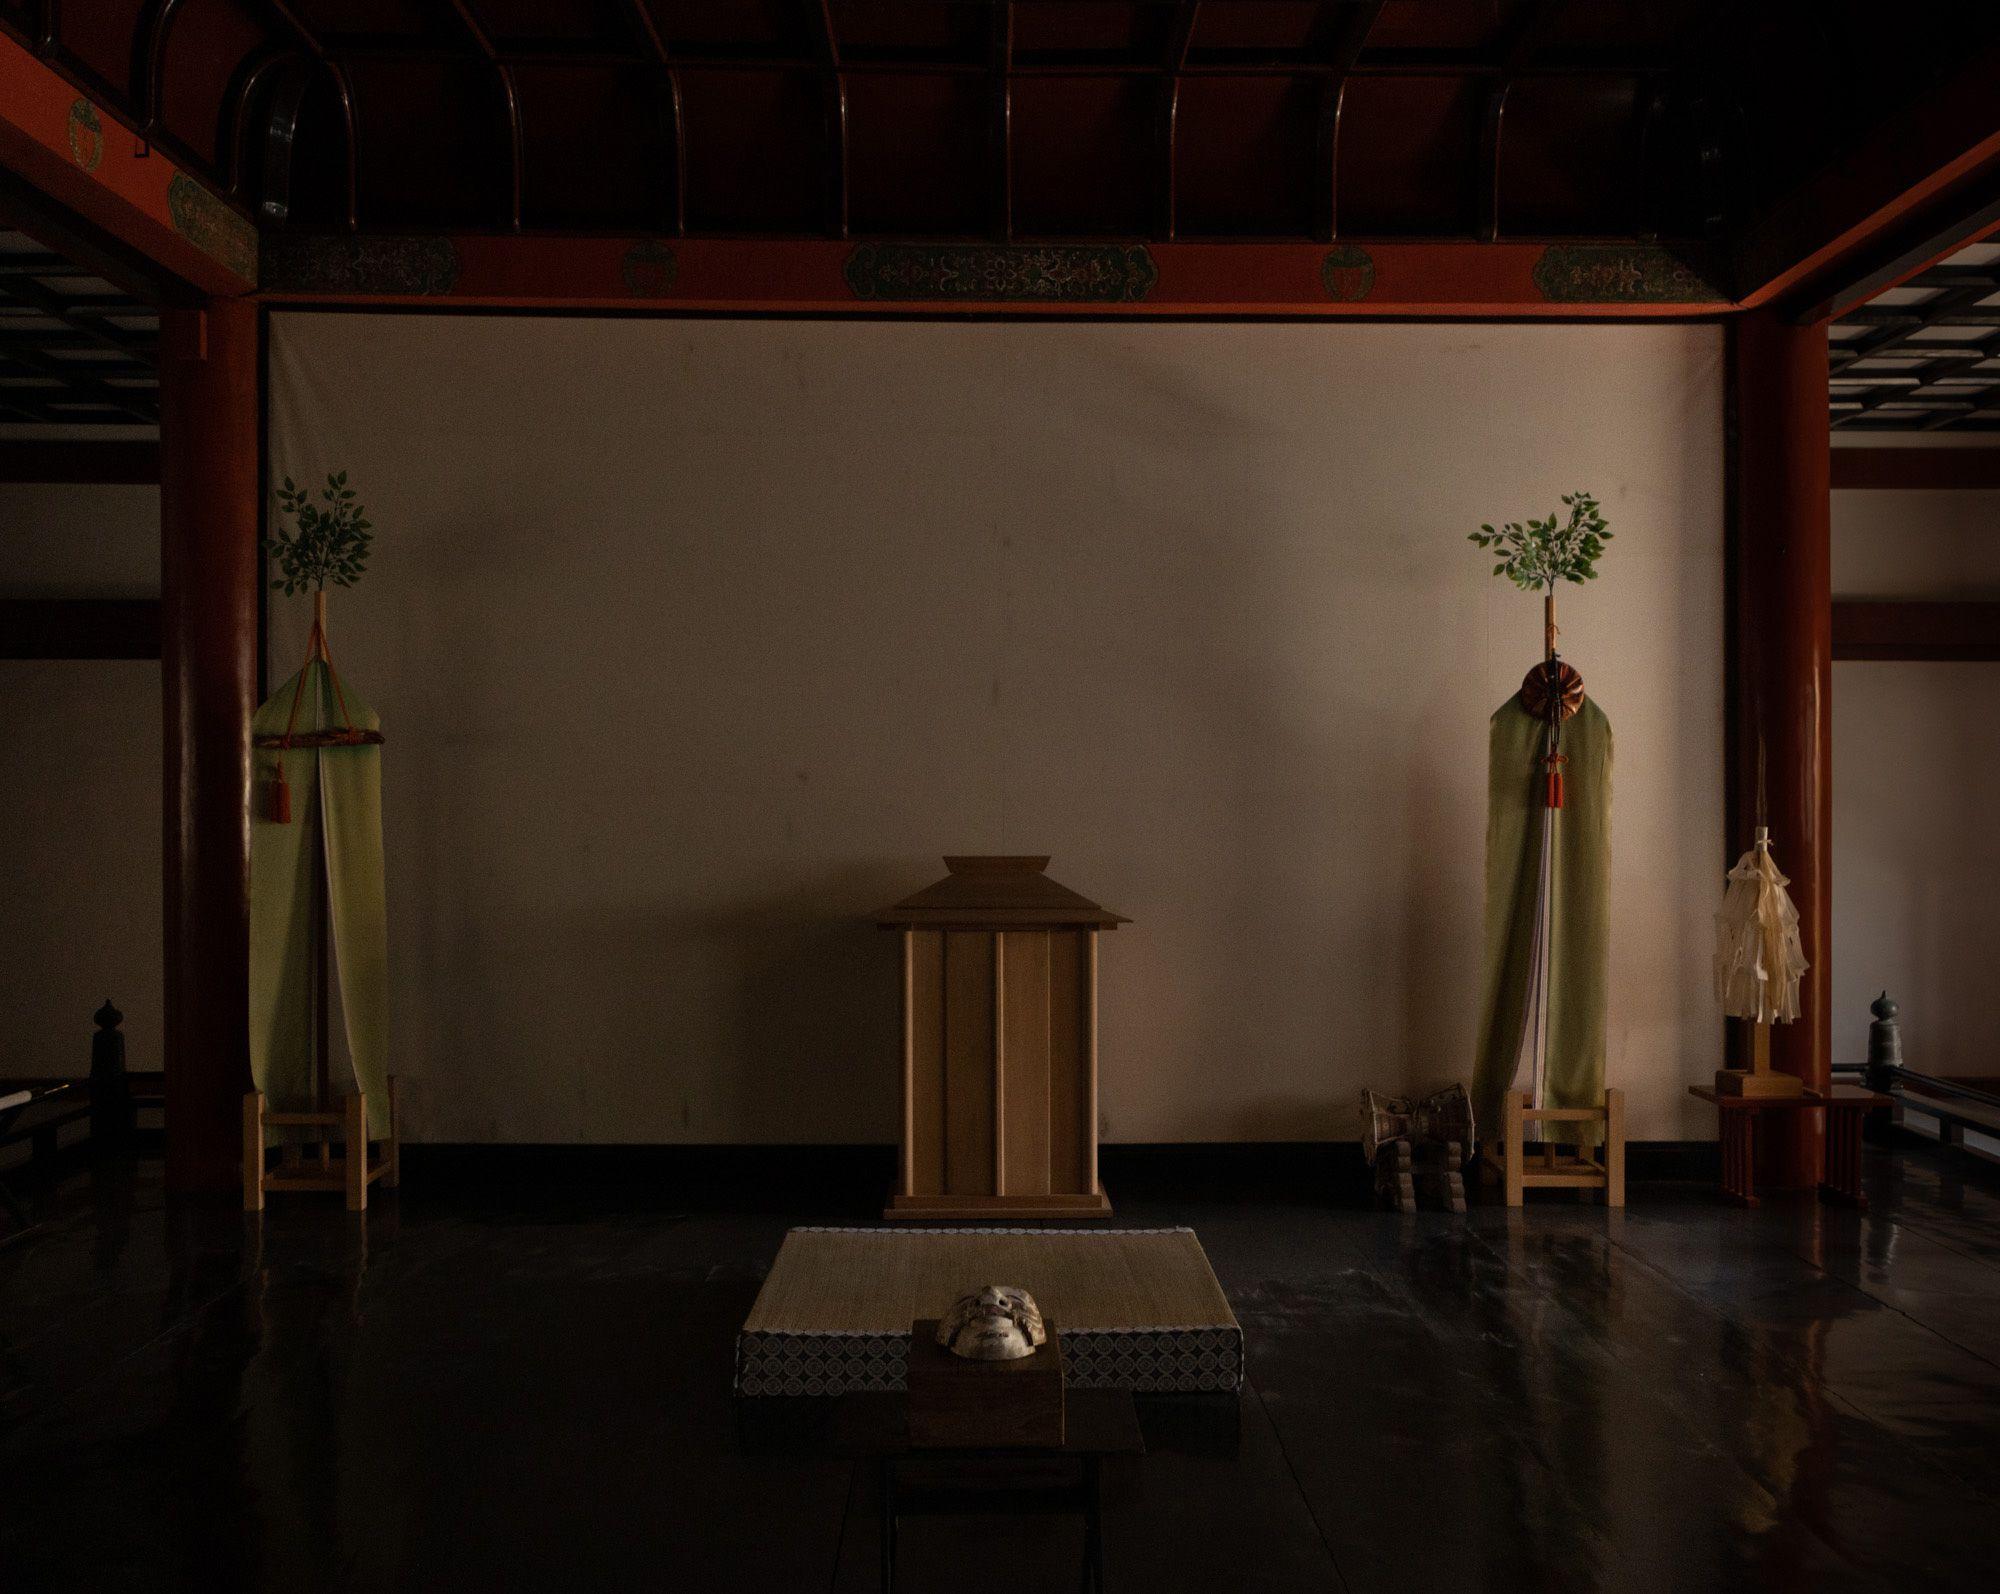 権殿に飾られた摩陀羅神面(またらじんめん)。談山神社には九つの面が伝わり、そのうち三つが翁面だ。この面だけ箱があり、「摩陀羅神面」と墨書されている。